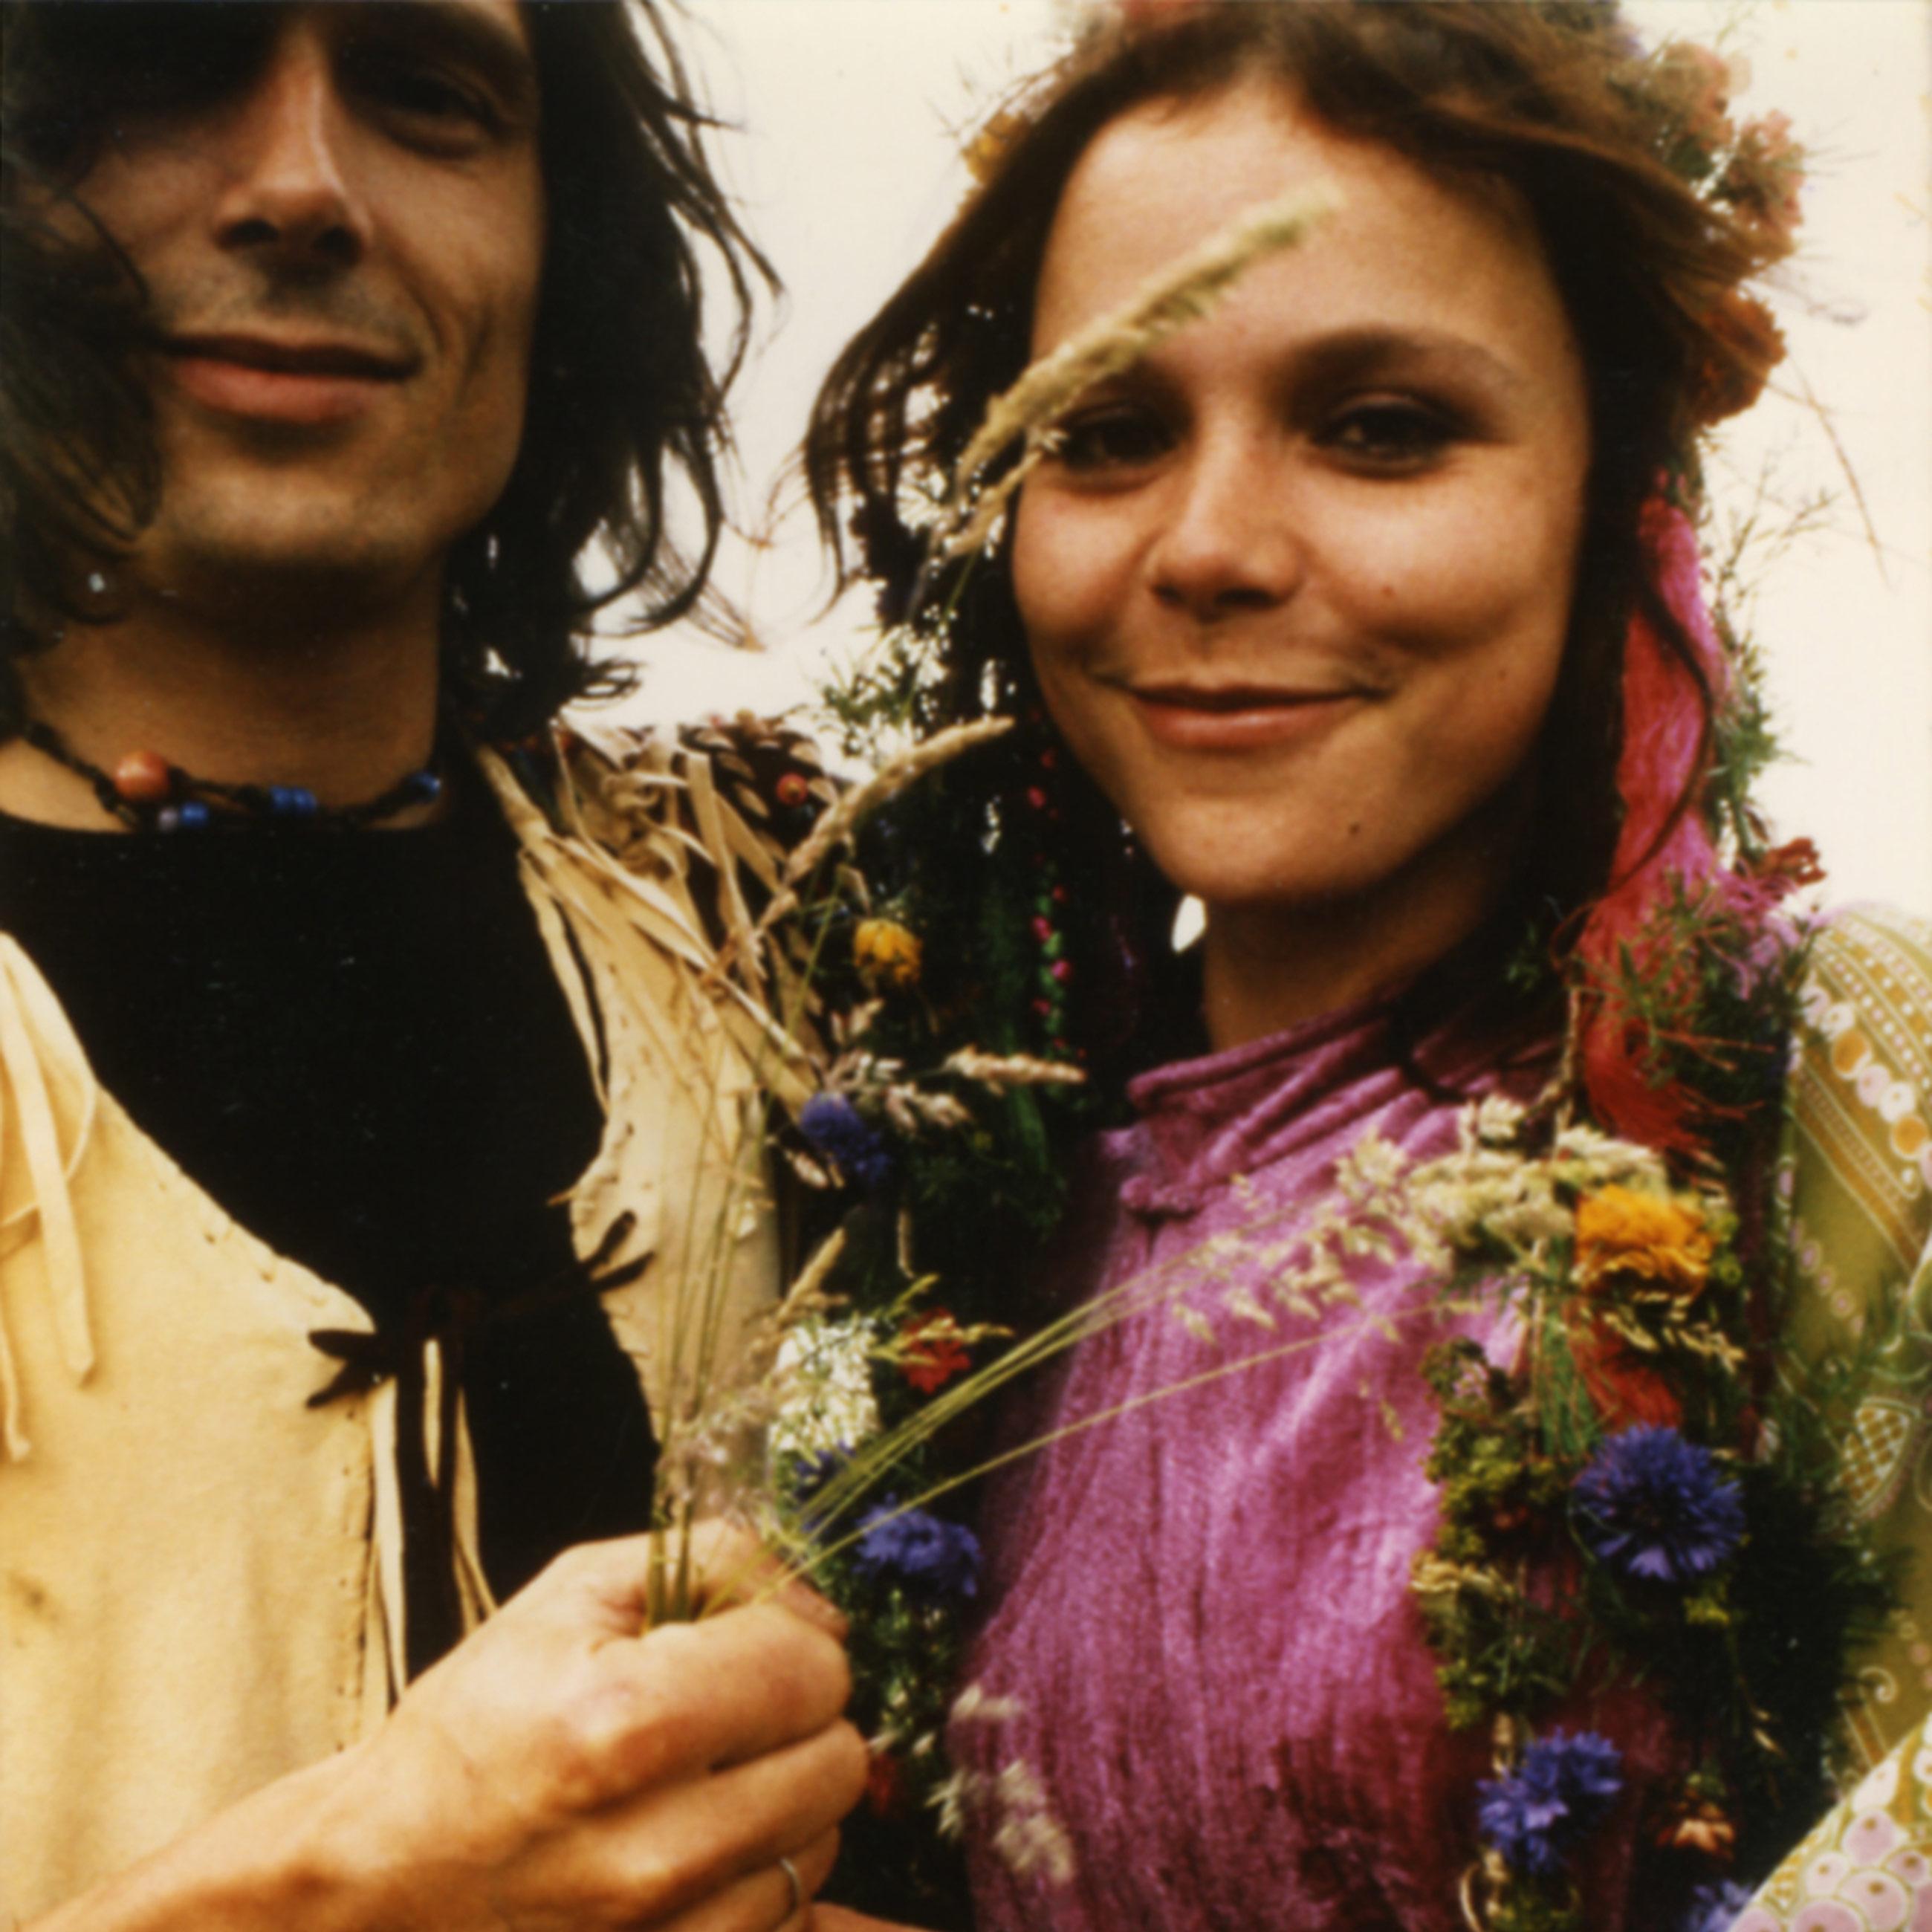 Hochzeitsfoto der Cannabislegende Mila Jansen und ihrem Mann Hans Swart, das im Jahr 1971 aufgenommen wurde.